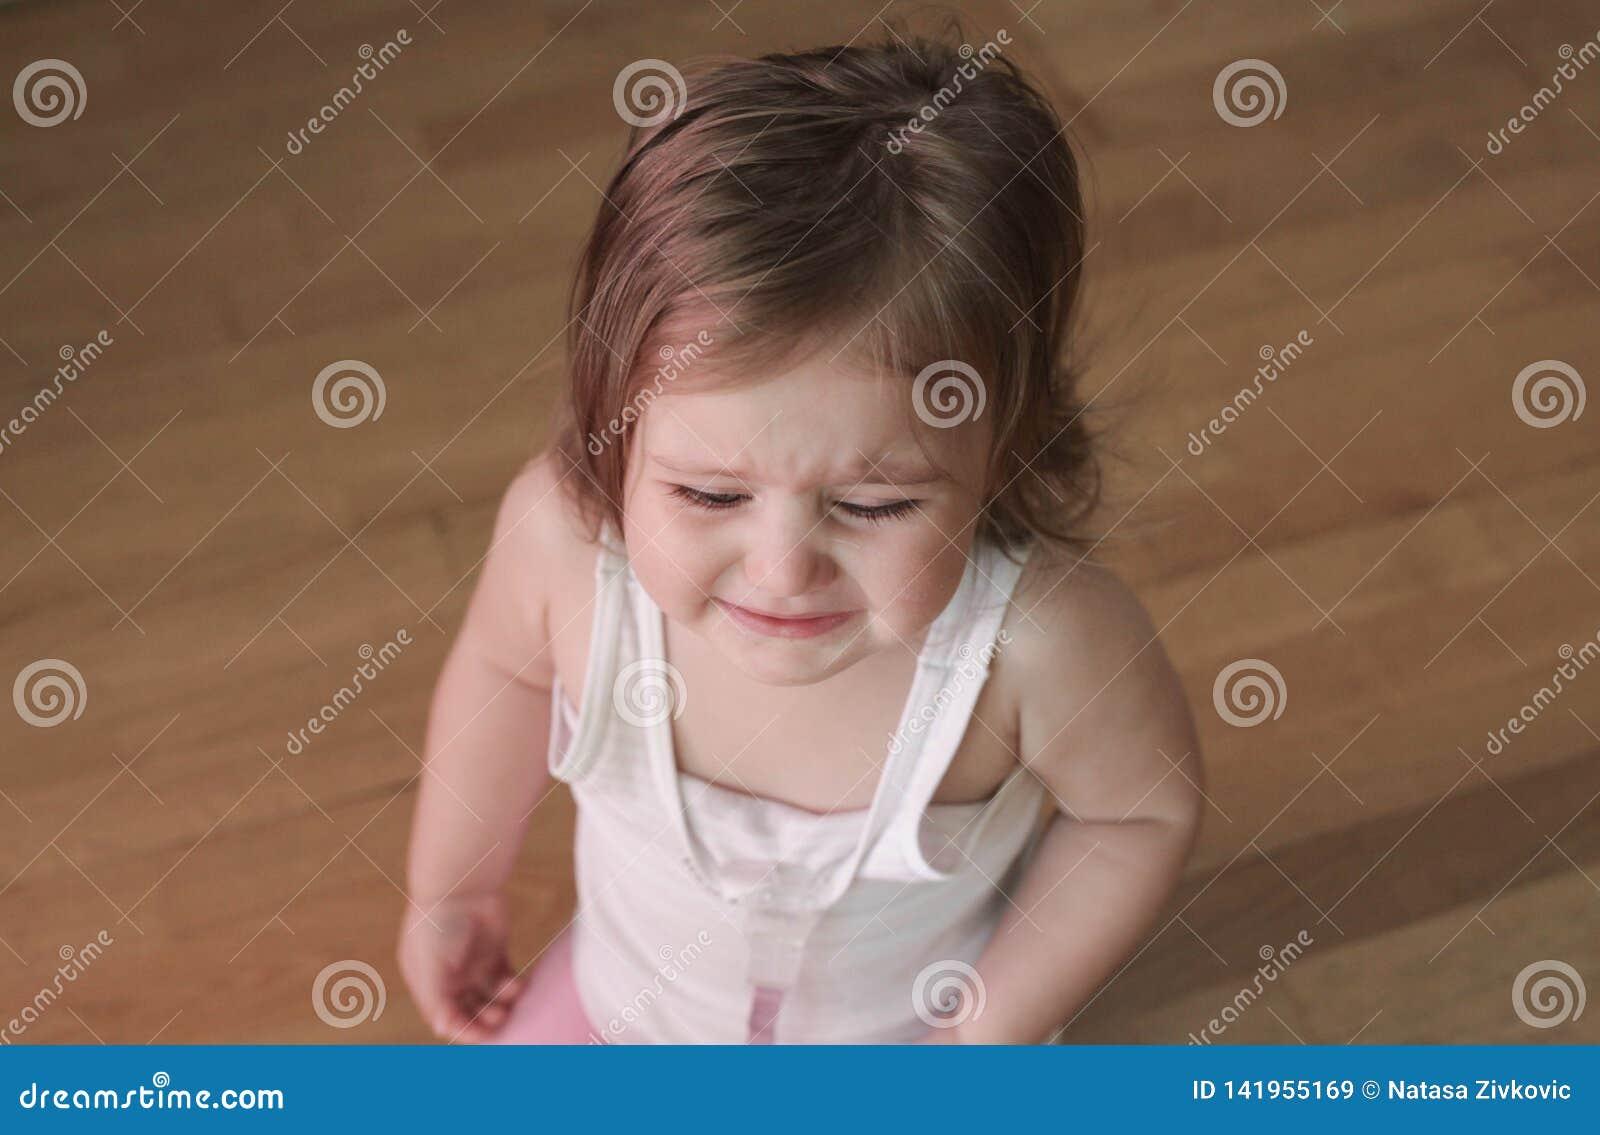 Grito irritado do bebê